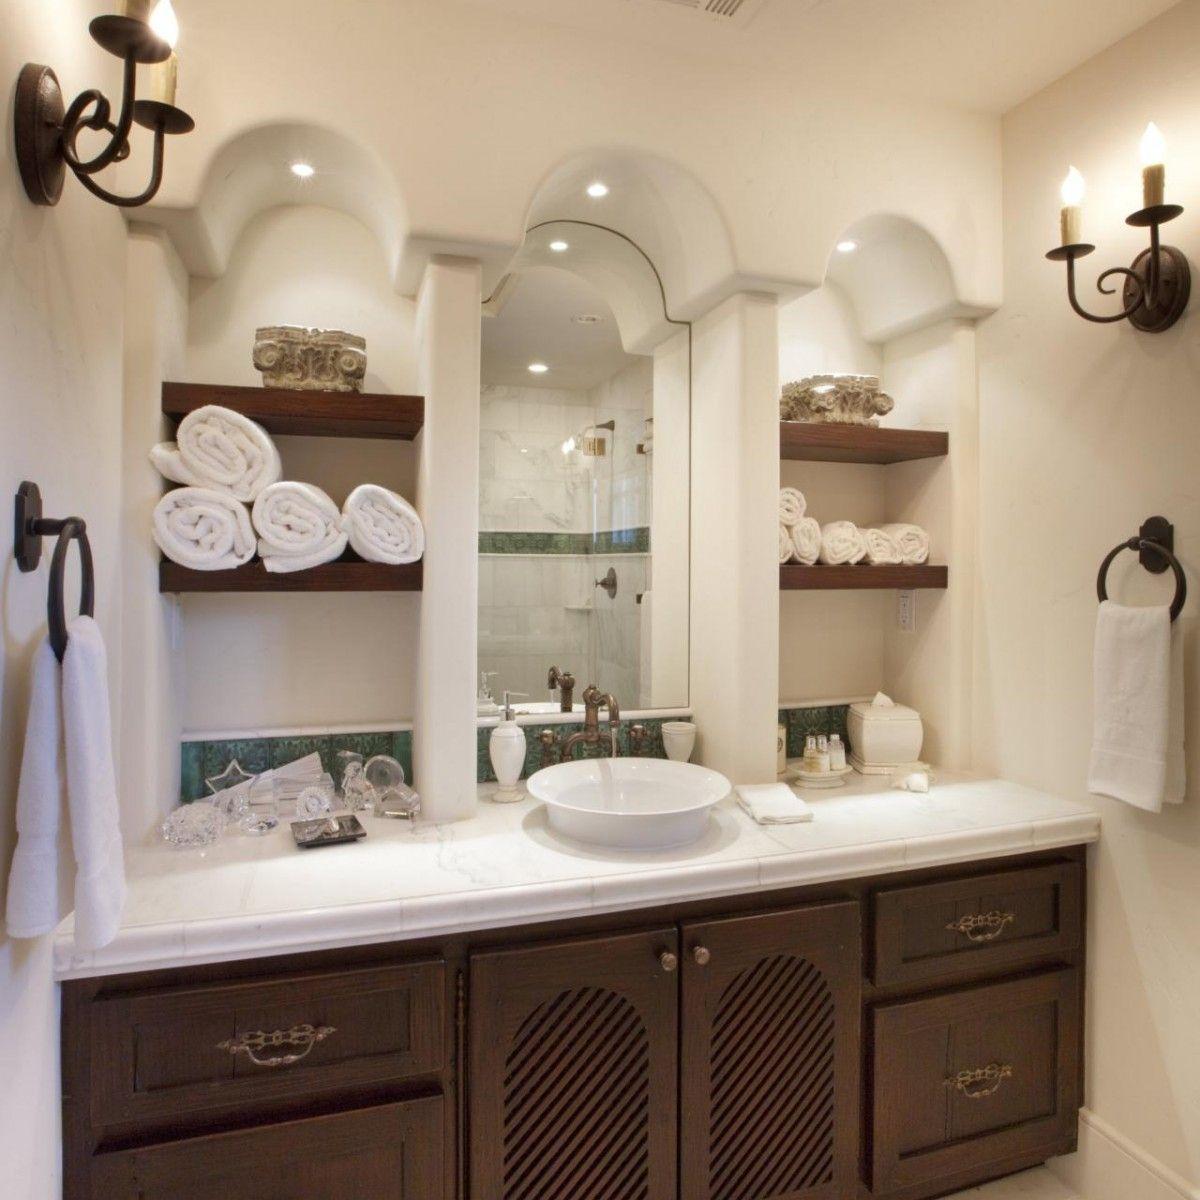 salle de bain les astuces pour optimiser les petites. Black Bedroom Furniture Sets. Home Design Ideas